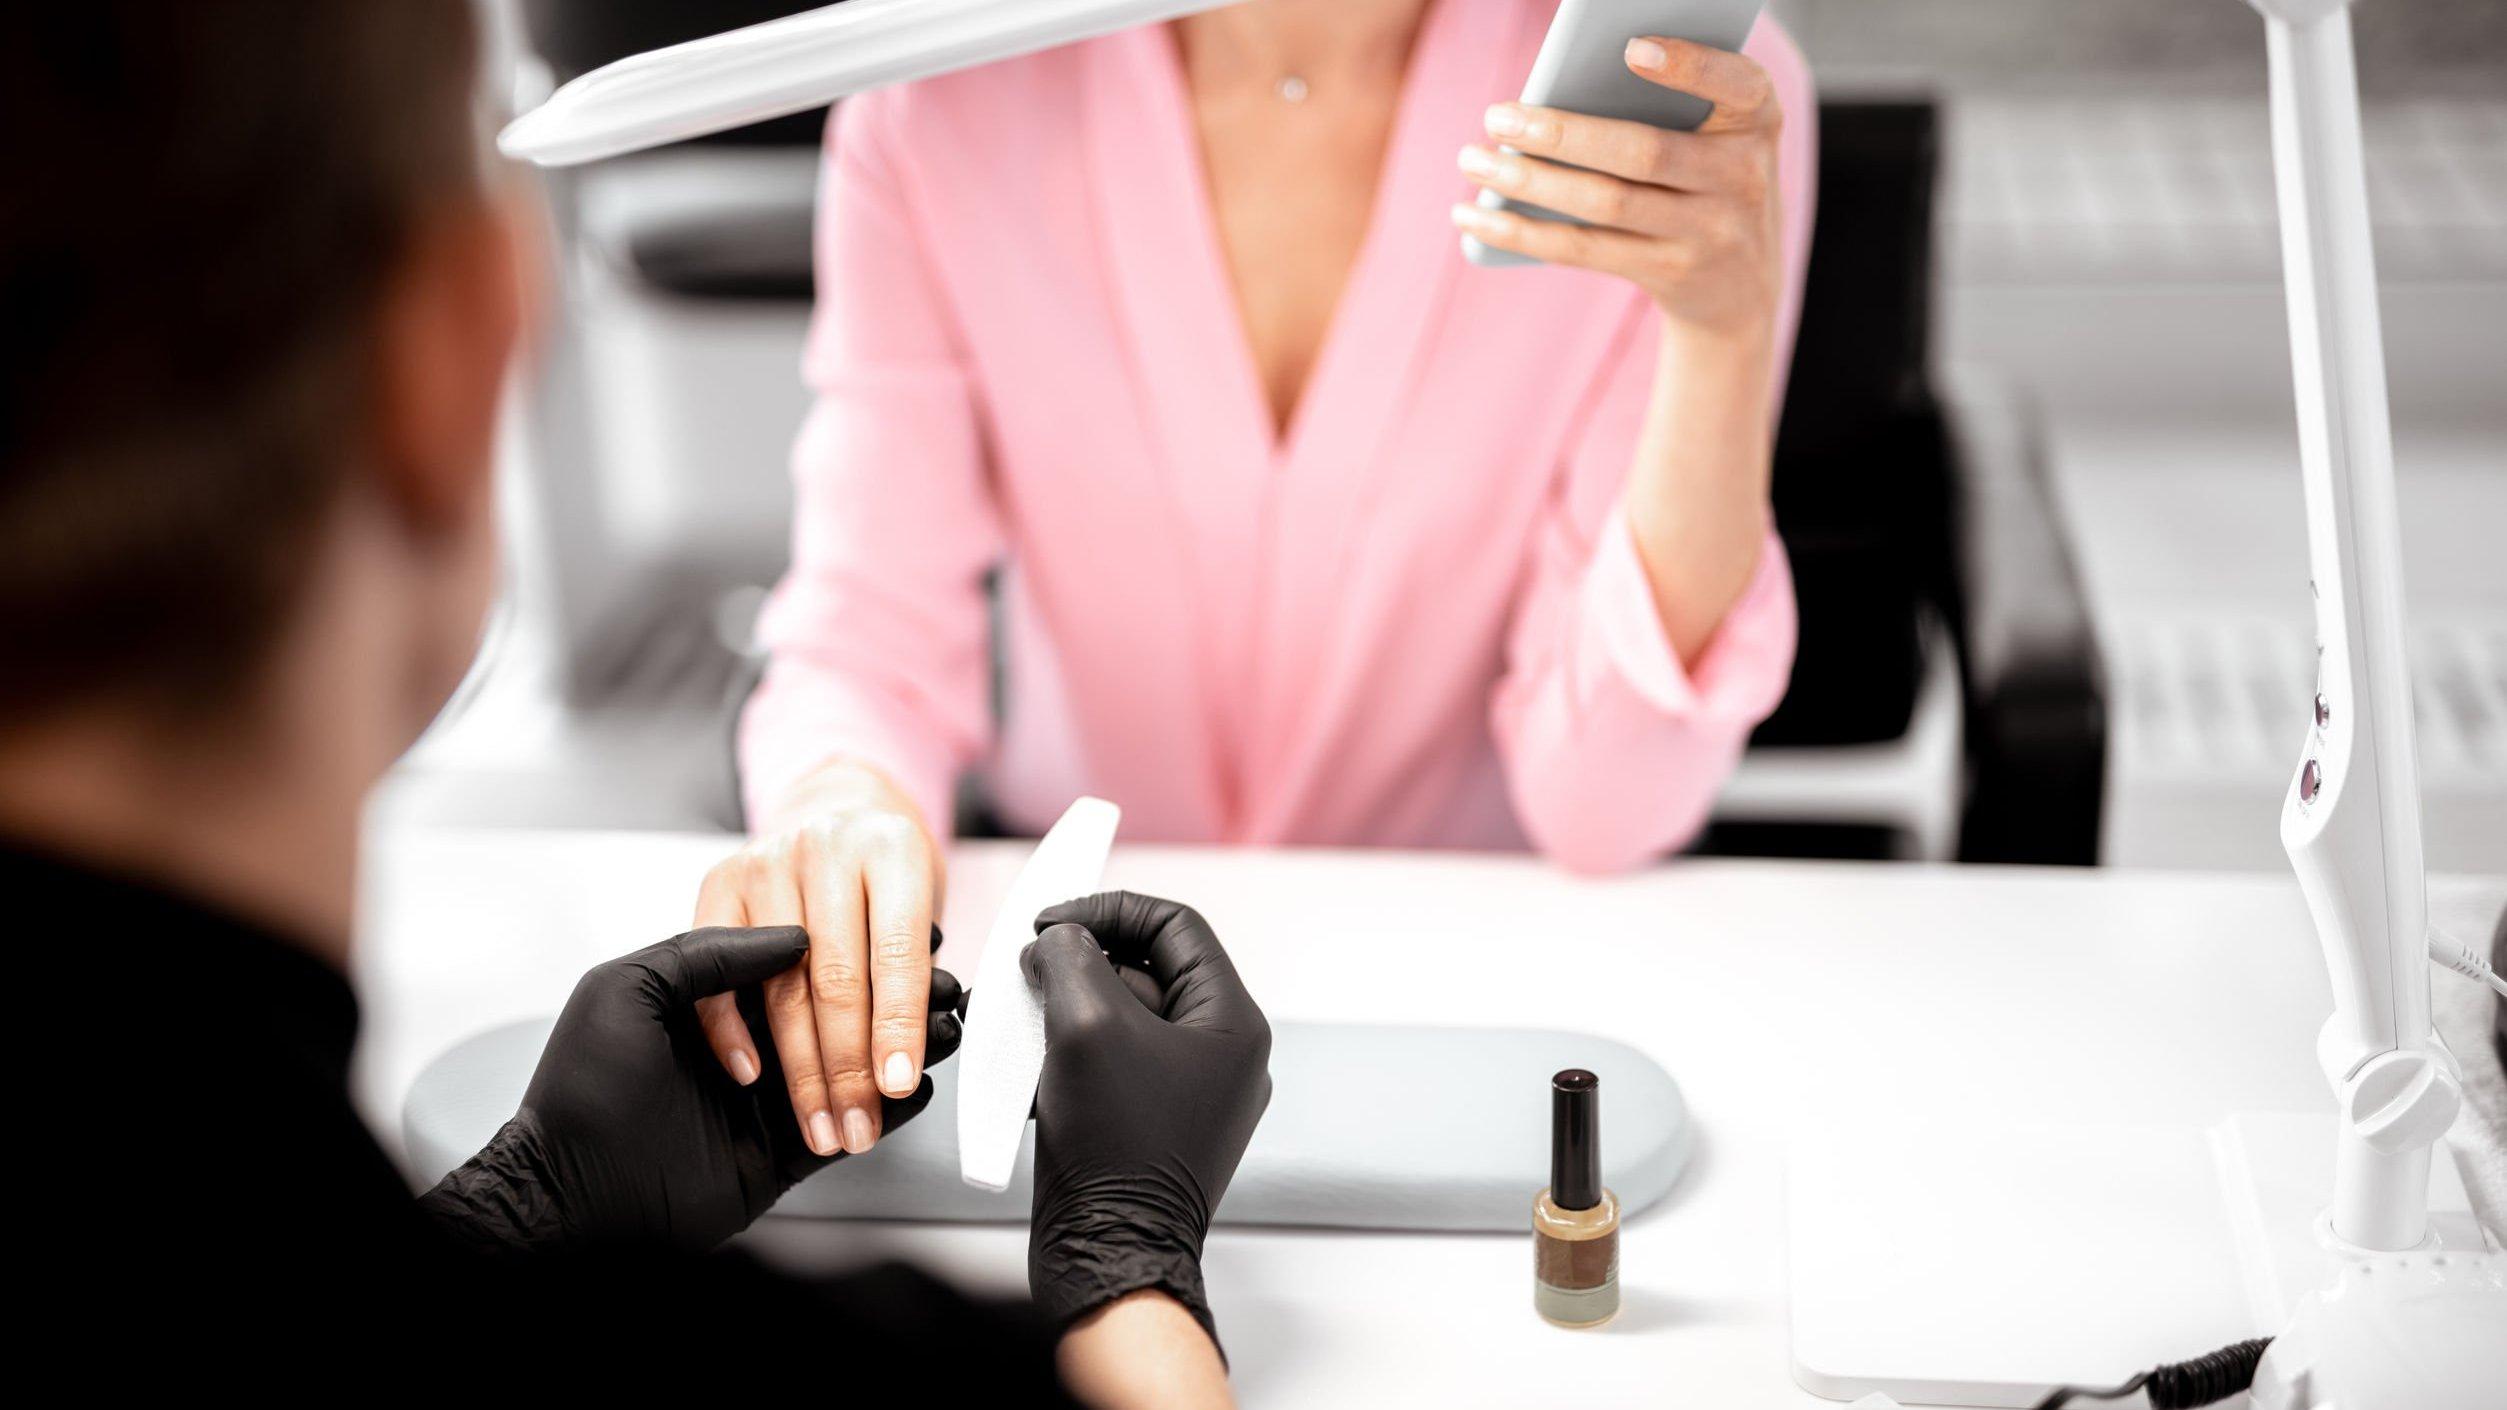 Manicure fazendo unha de mulher.